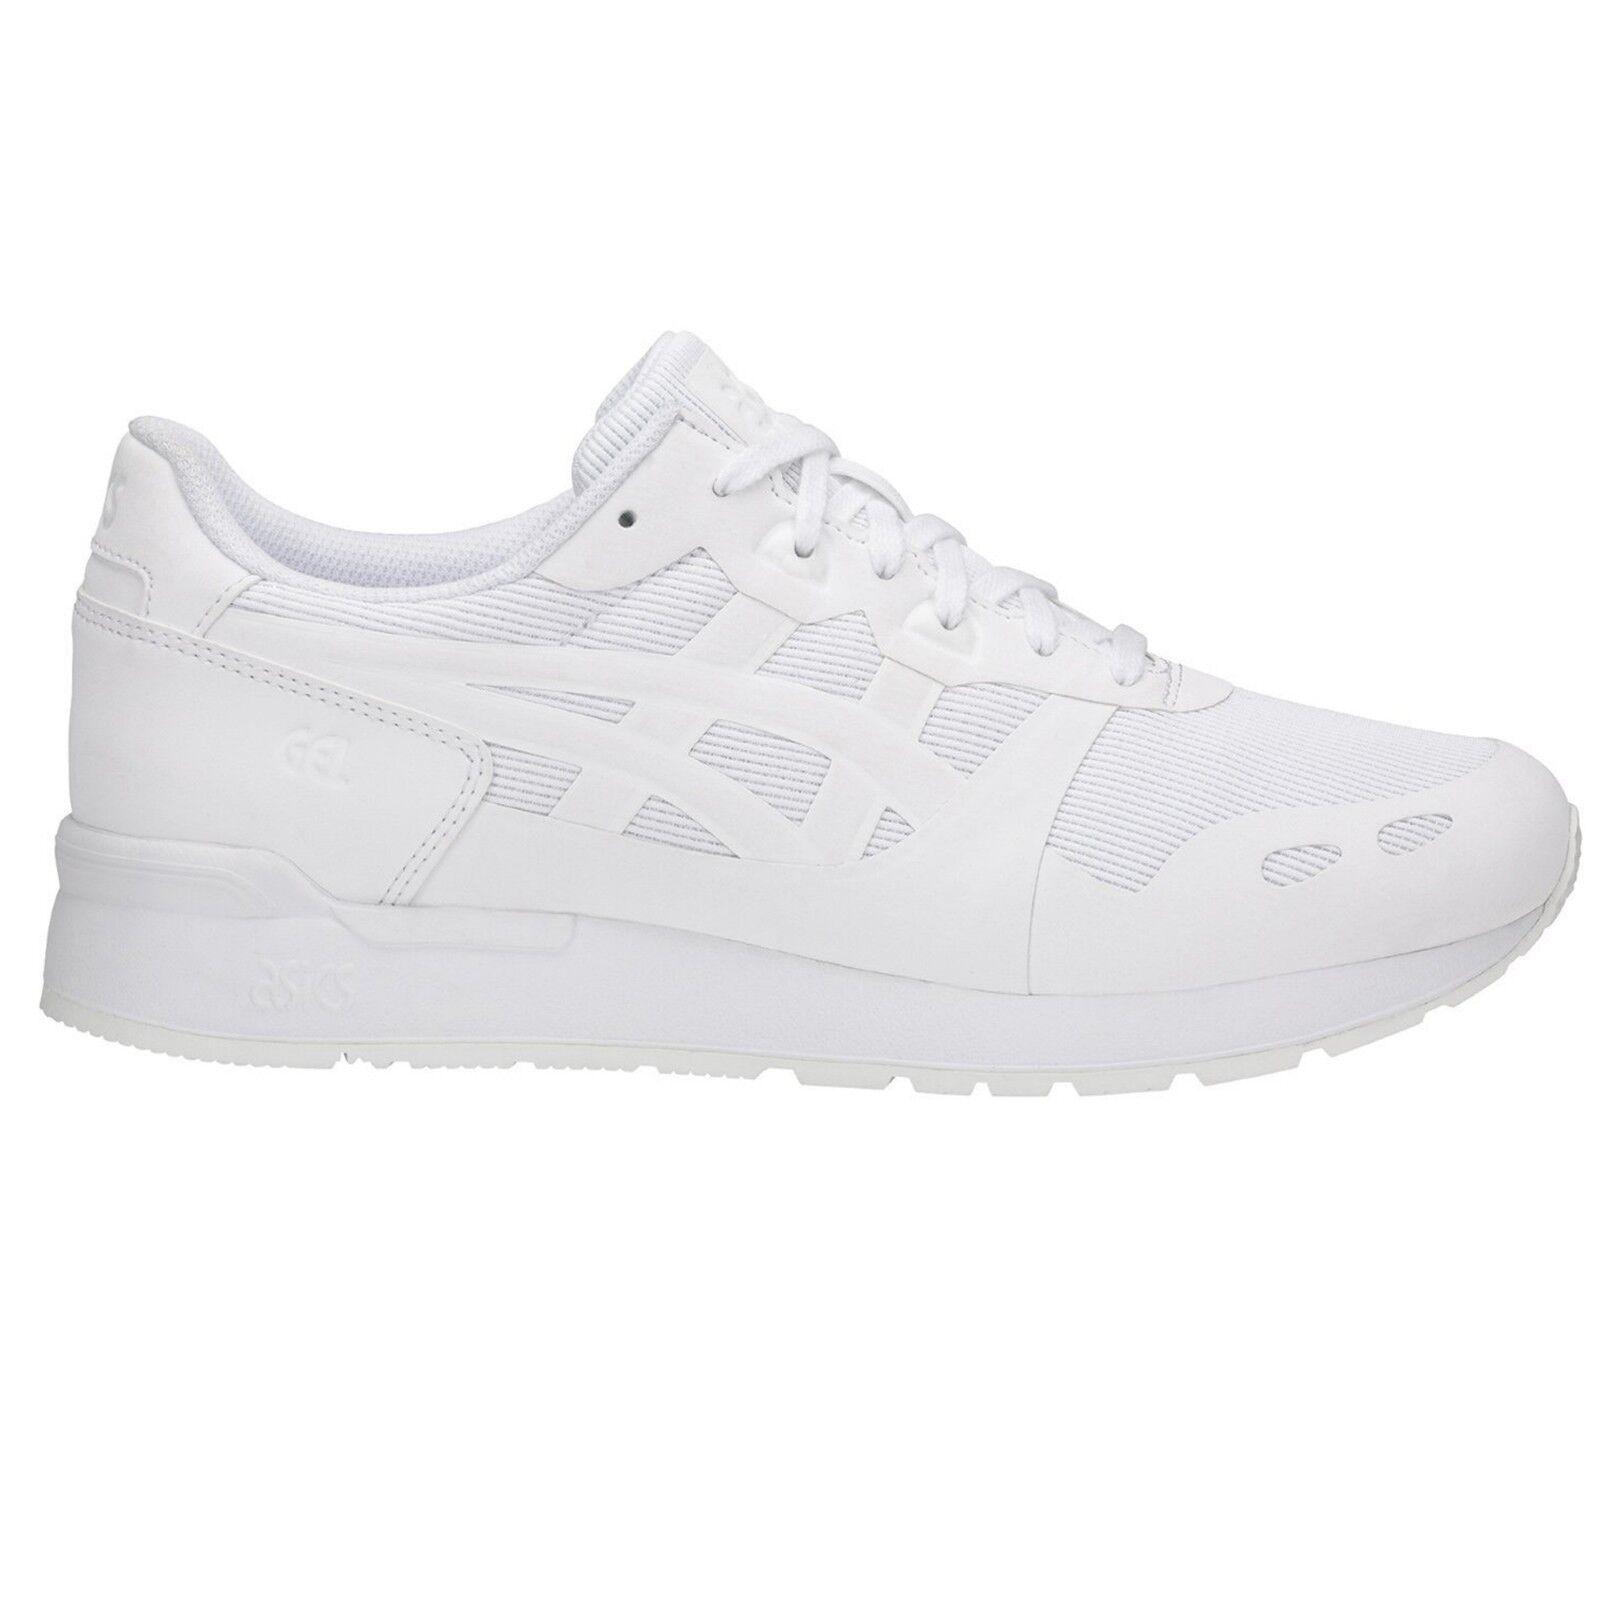 Asics Gel Lyte NS blancoo H8D4N-0101 Calzado para Correr de Estados Unidos Reino Unido 9 44 euros I V